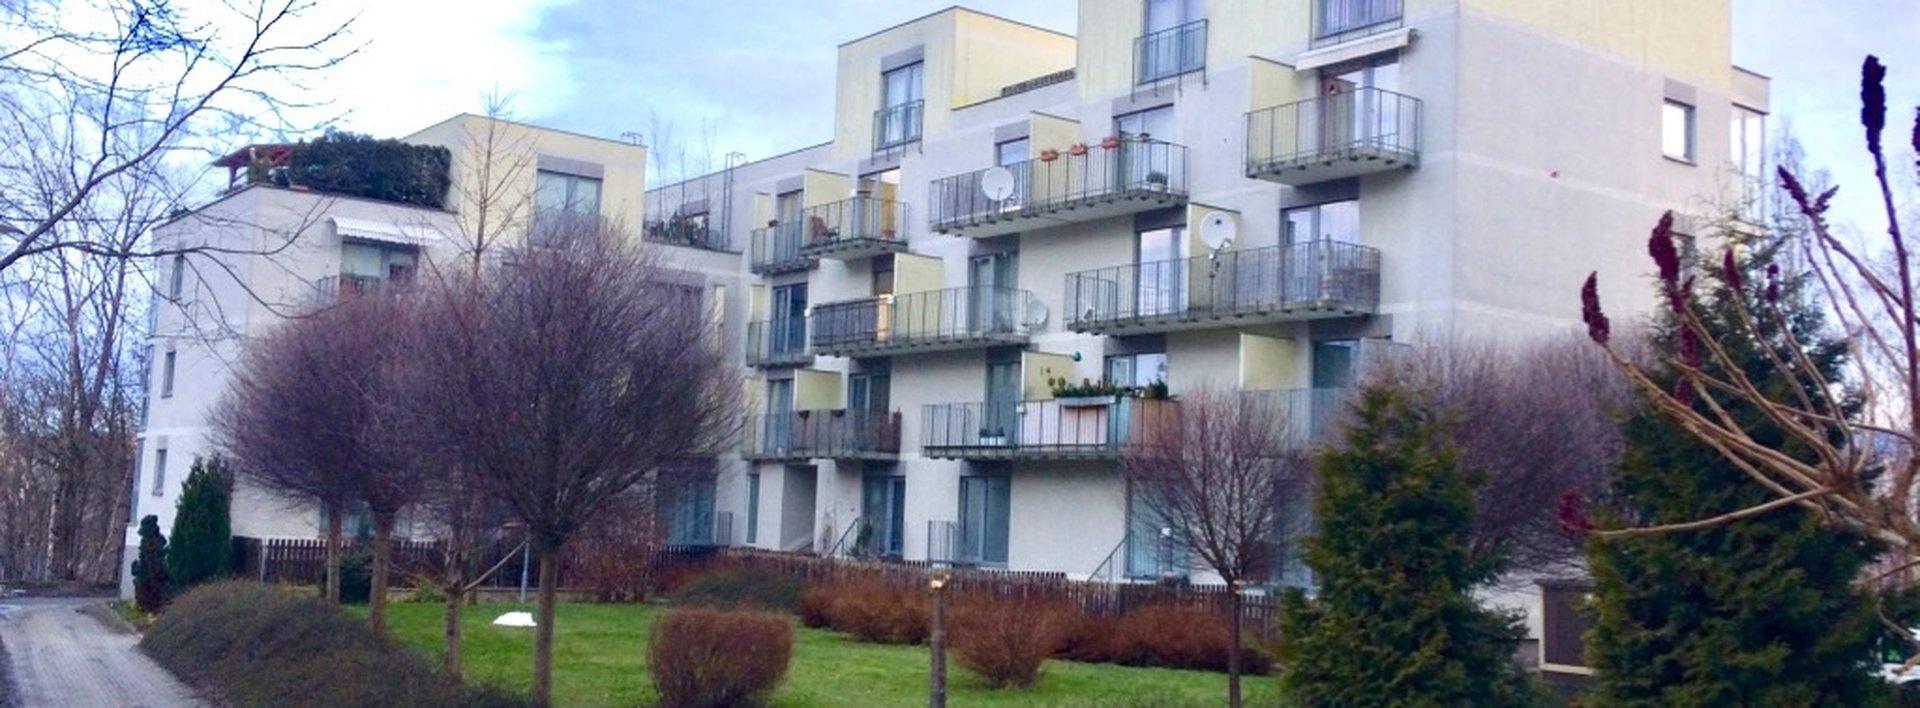 Pronájem bytu 1+1, 65 m2 s balkonem - Liberec, ul. Hedvábná, Ev.č.: N48322